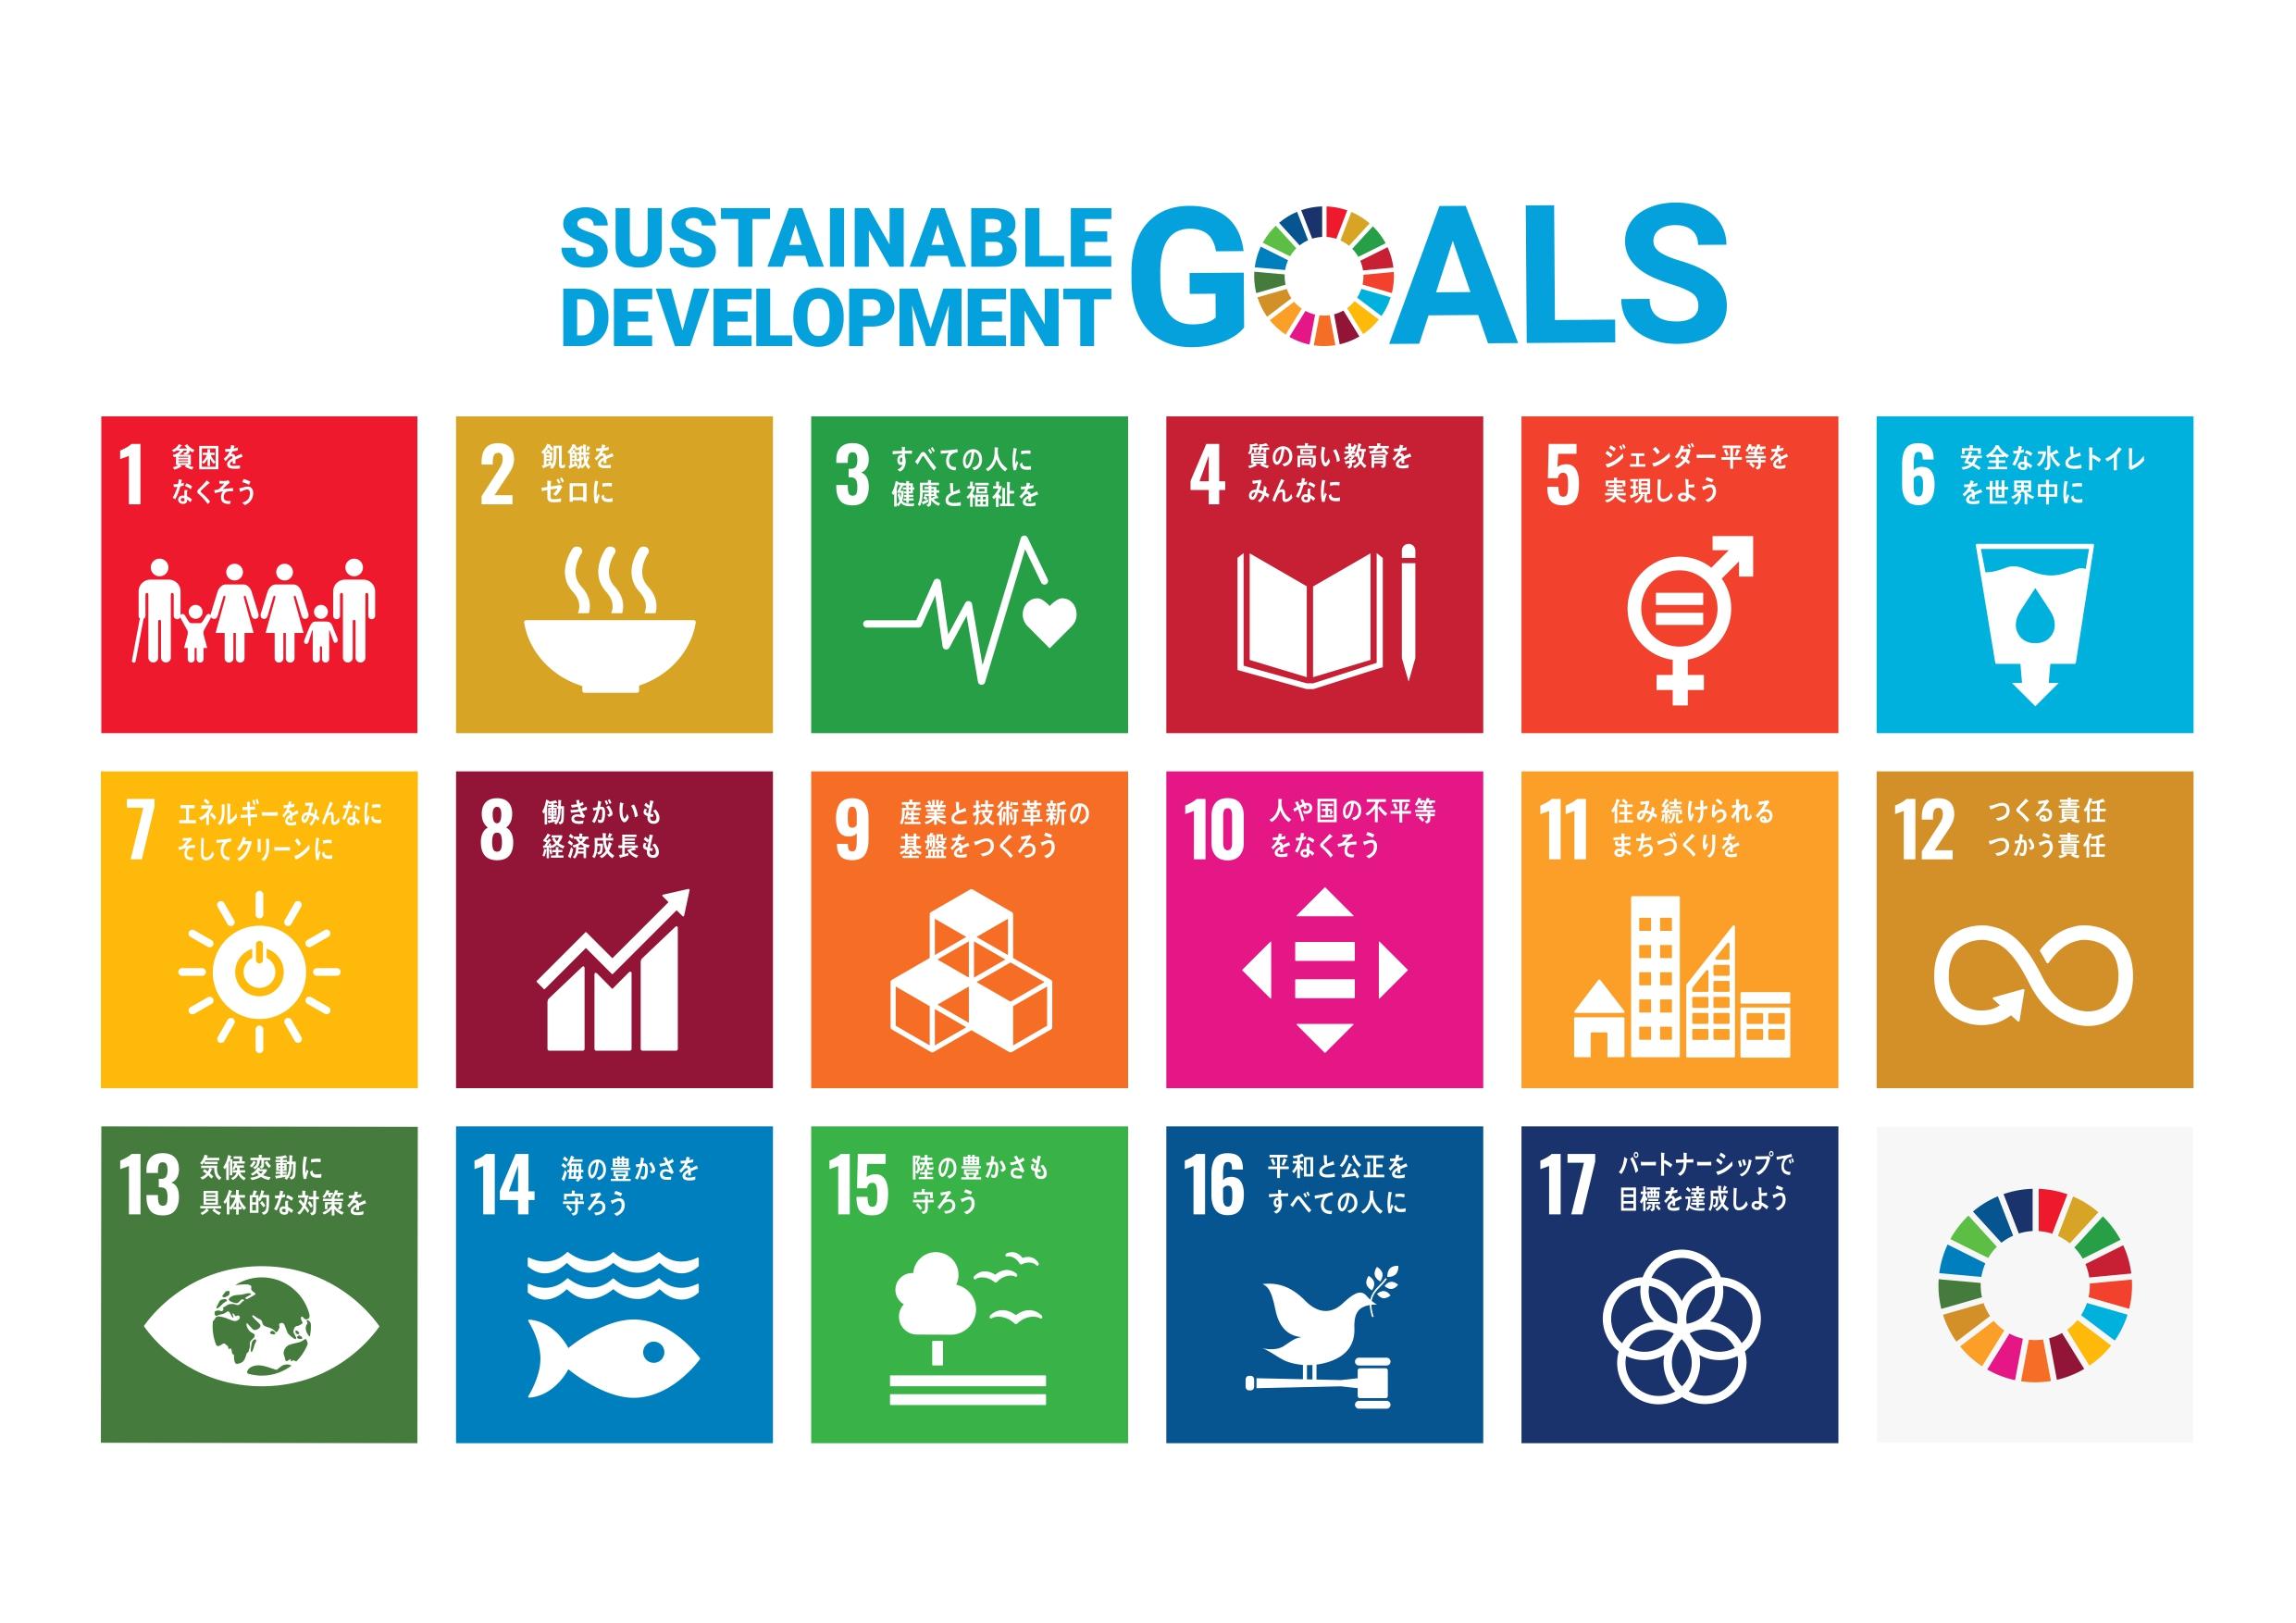 ファースト薬局は持続可能な開発目標(SDGs)を支援しています